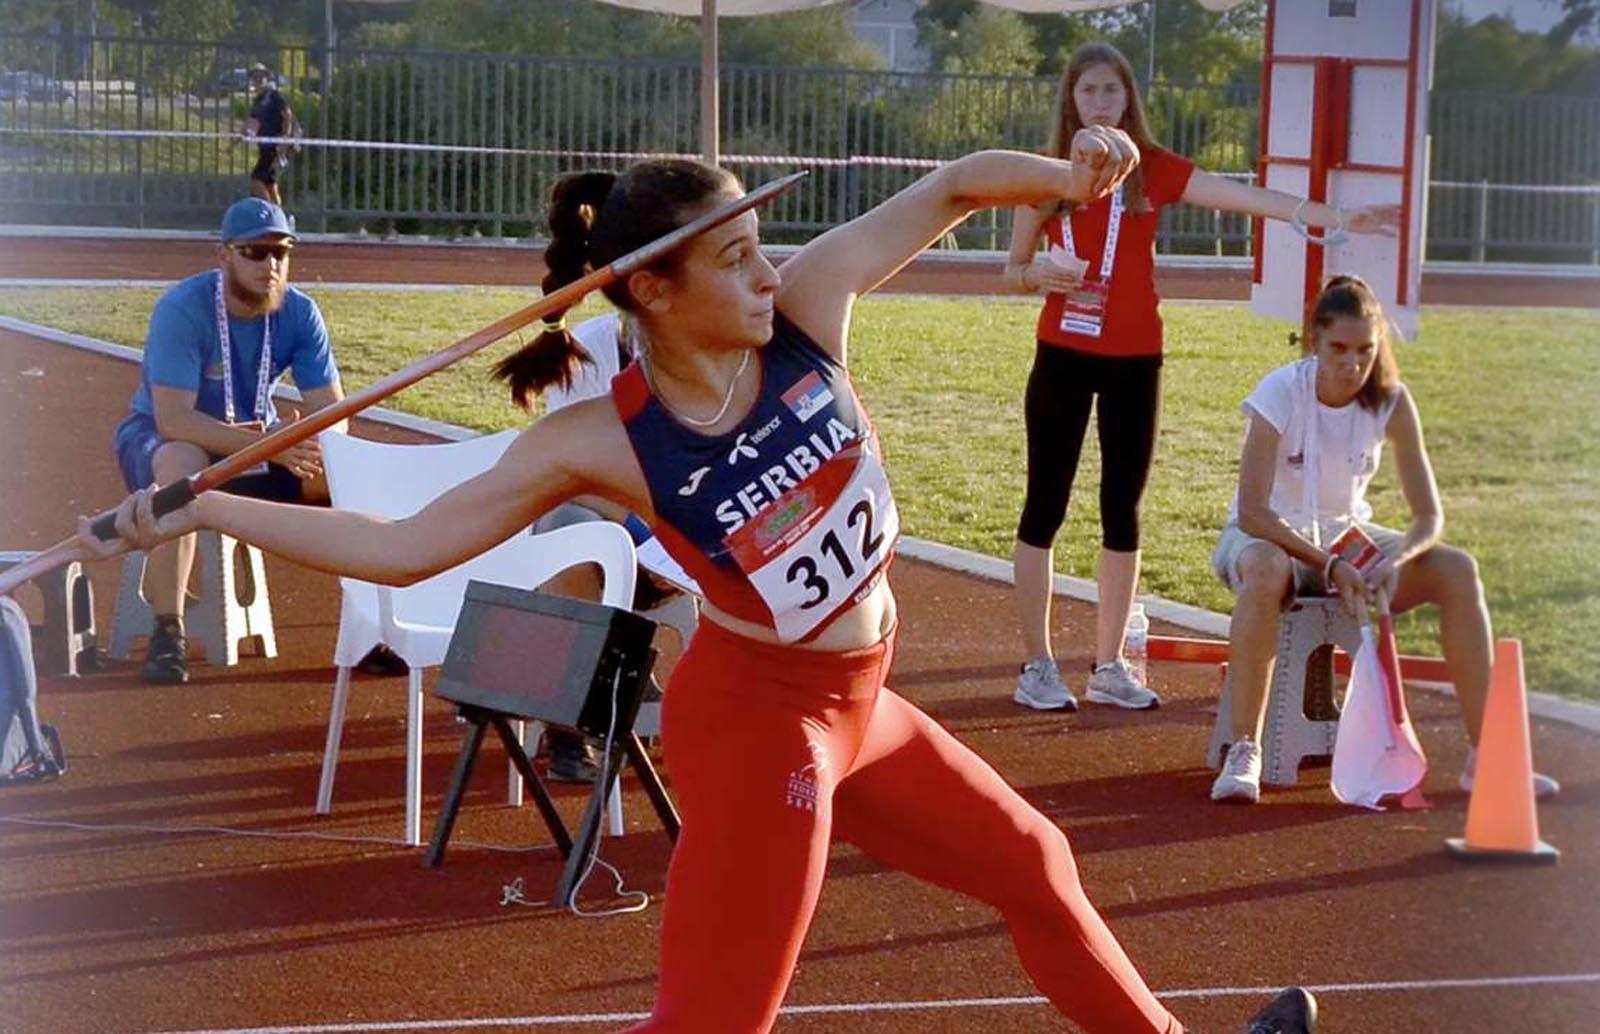 Atletika: Adriana Vilagoš najbolja na svetu!